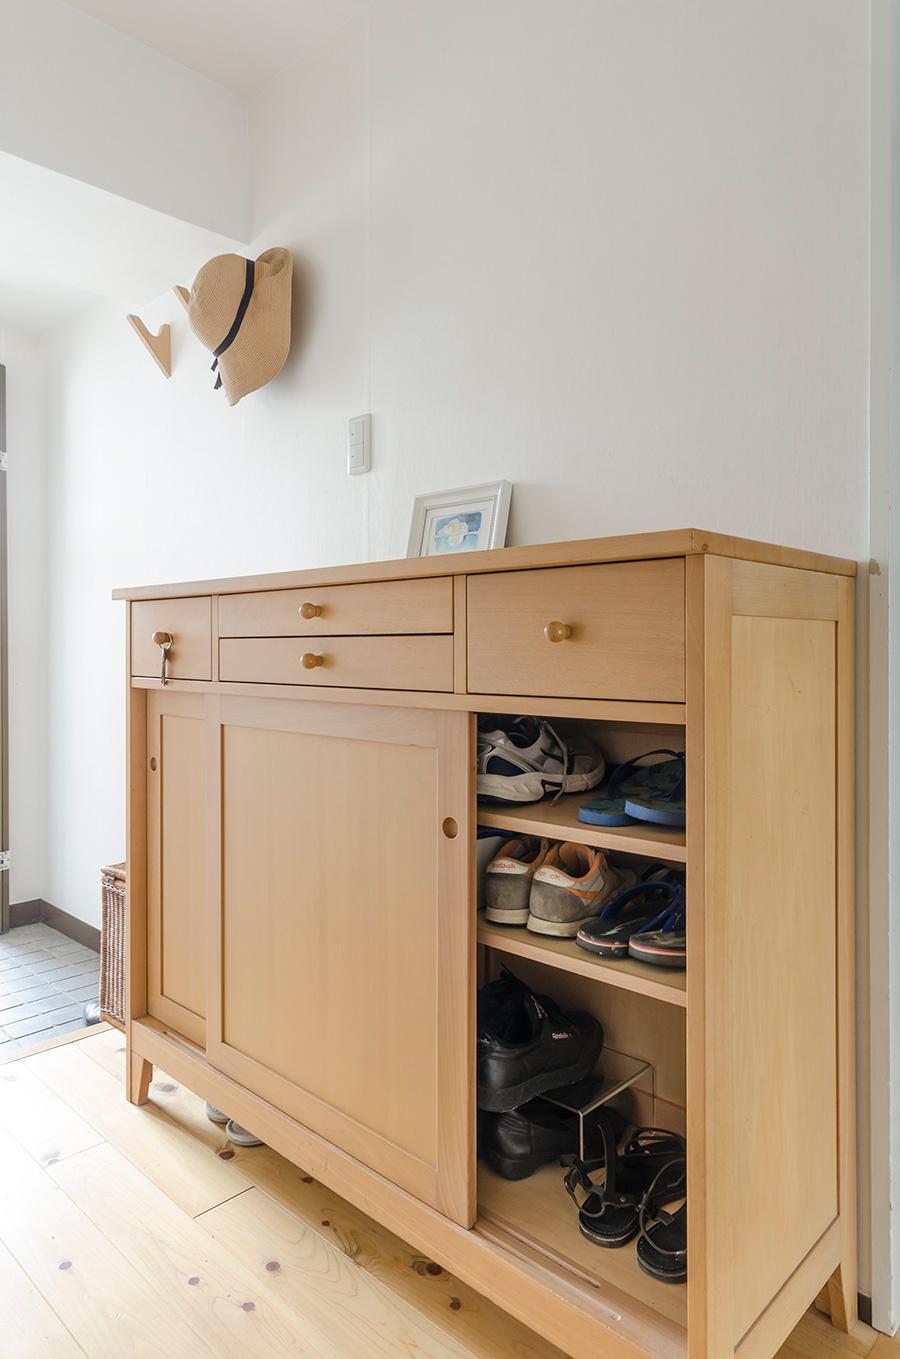 玄関前のキャビネットには、家族全員の靴と、鍵やティッシュなど外出時に必要なものを収納。靴は5人でこれだけ。